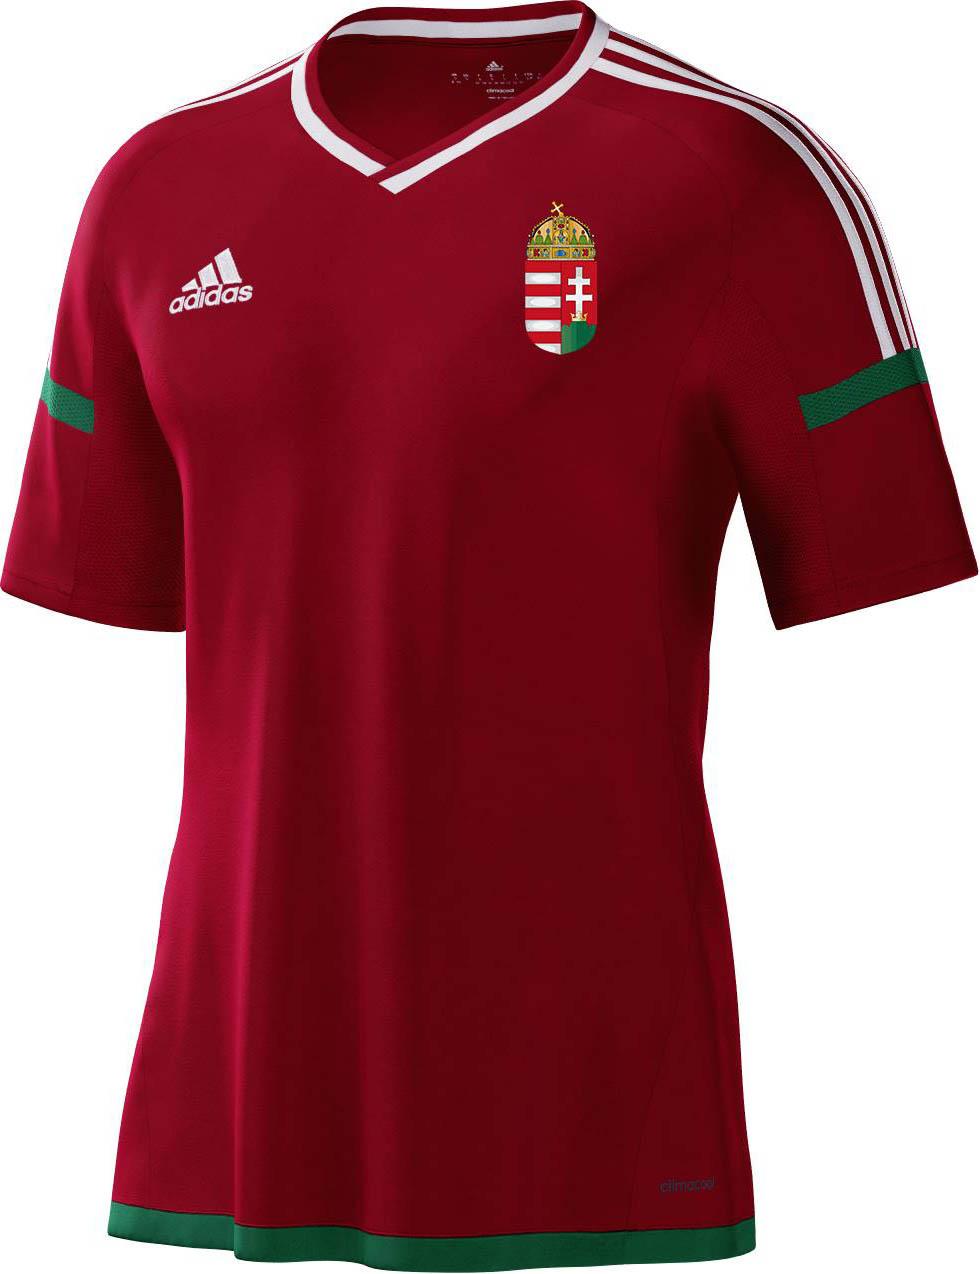 Adidas apresenta as novas camisas da Hungria - Show de Camisas fd8f11f11d22b